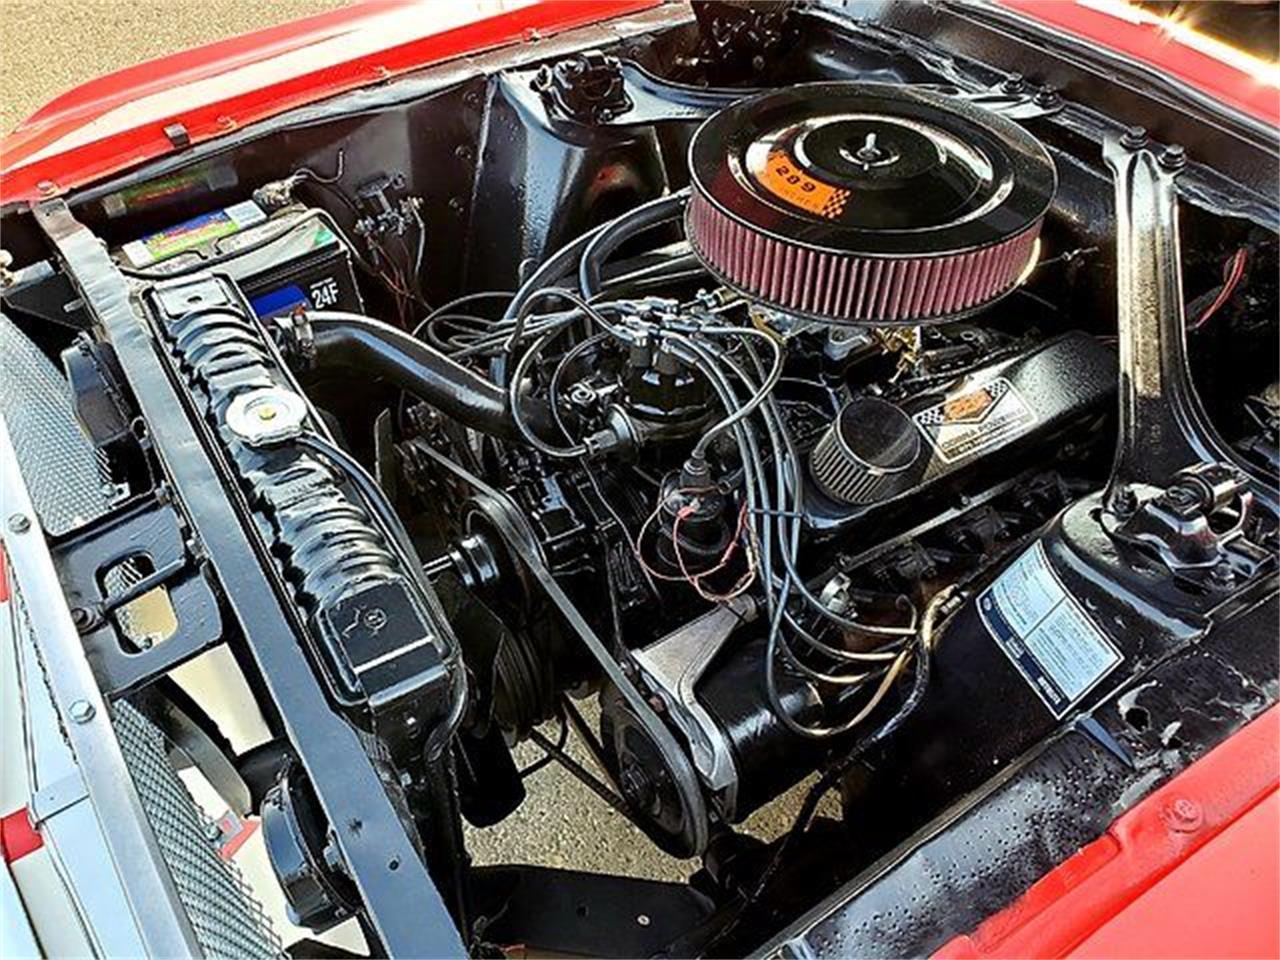 Ford Mustang Shelby 350 réplique v8 1968 prix tout compris